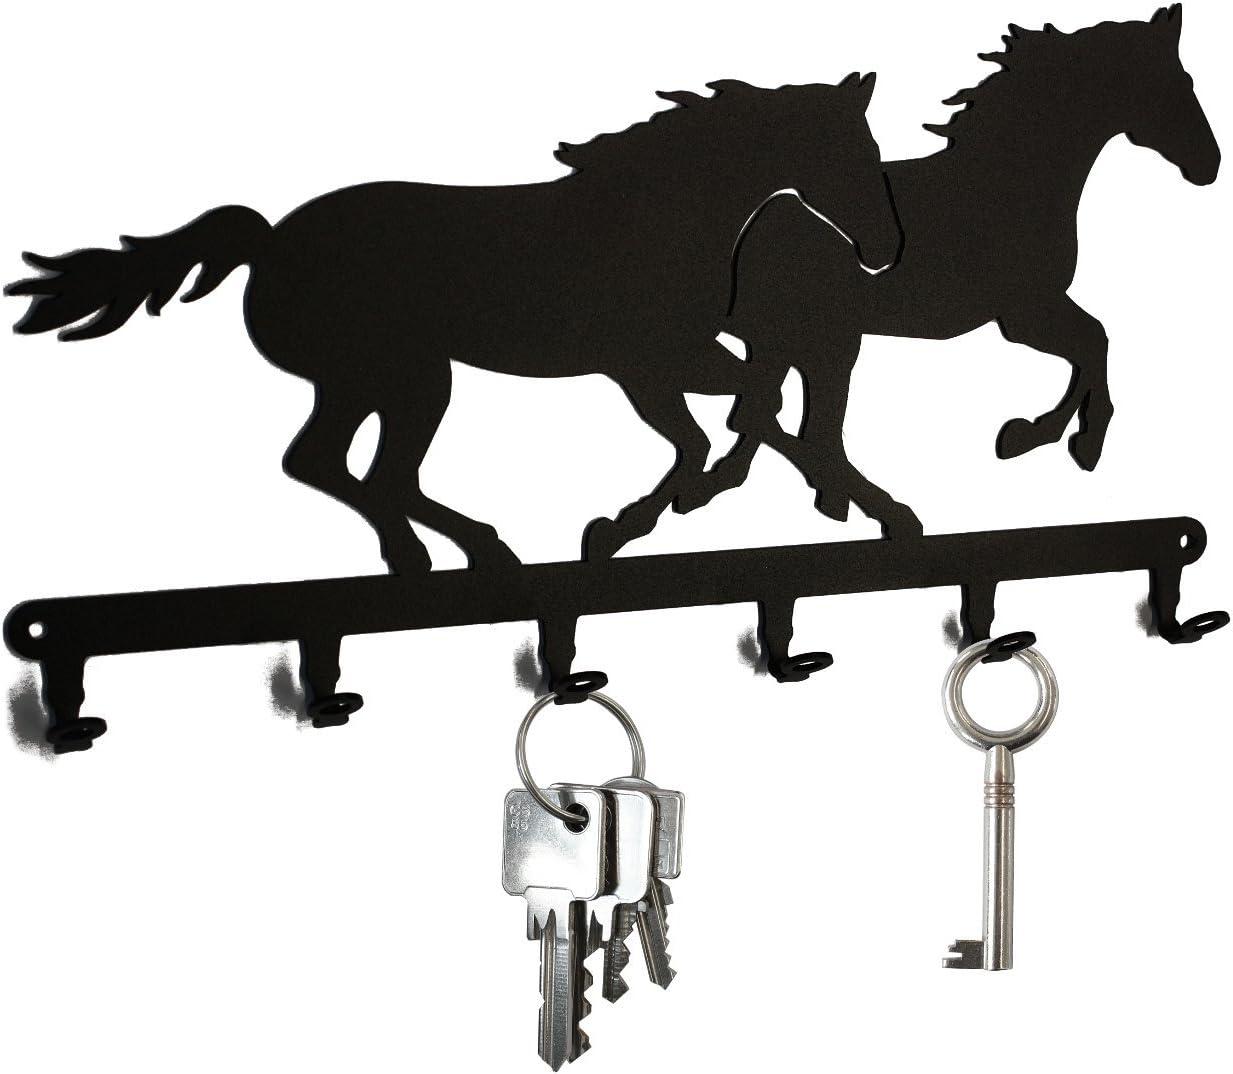 Tablero de llaves * Caballo de Carreras * - ganchos para llaves - 6 Ganchos - negro